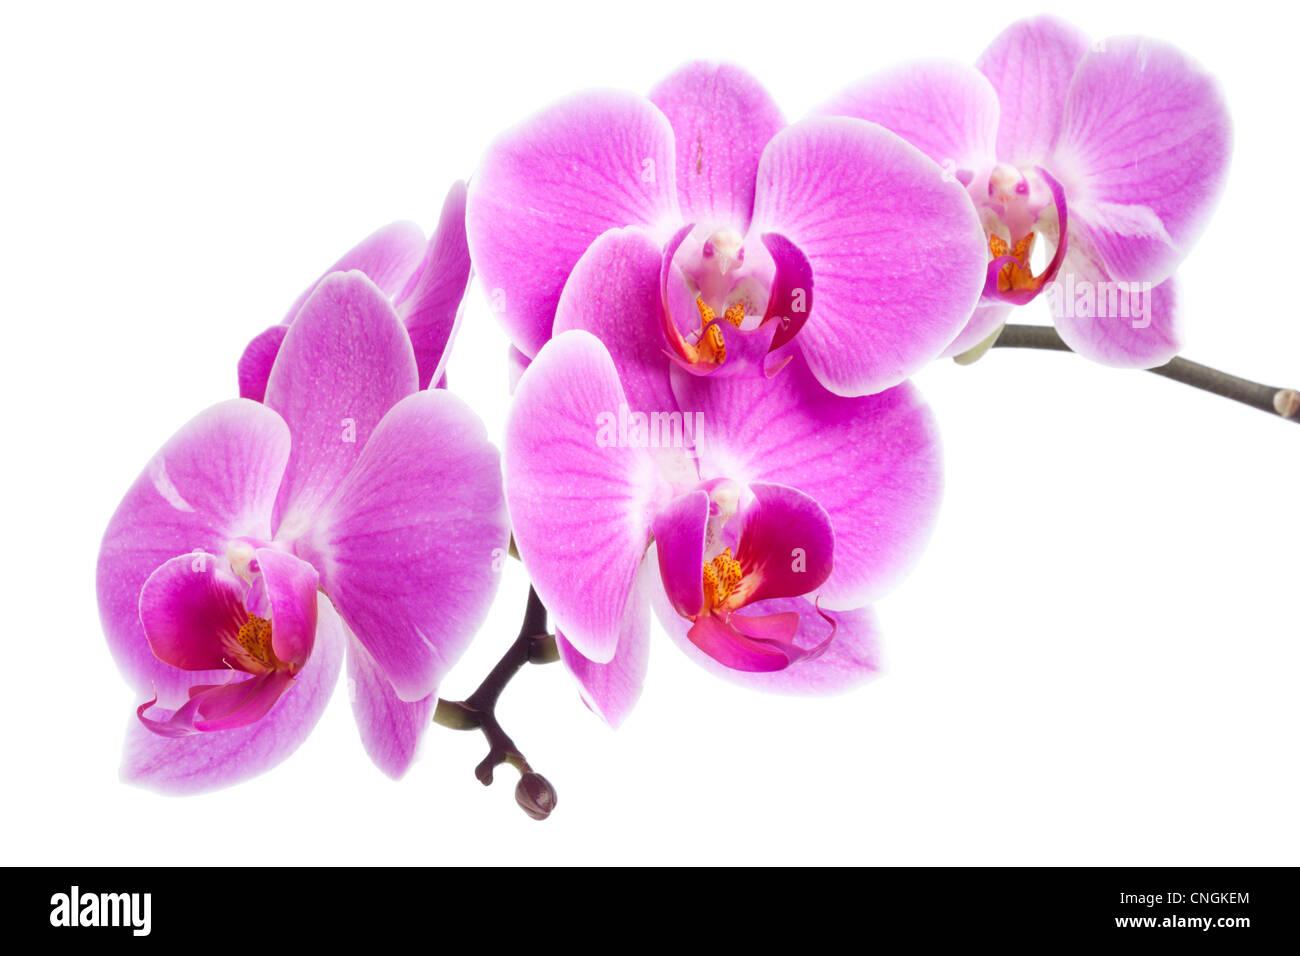 Fleurs Orchidee Rose Sur Une Branche Isole Sur Fond Blanc Banque D